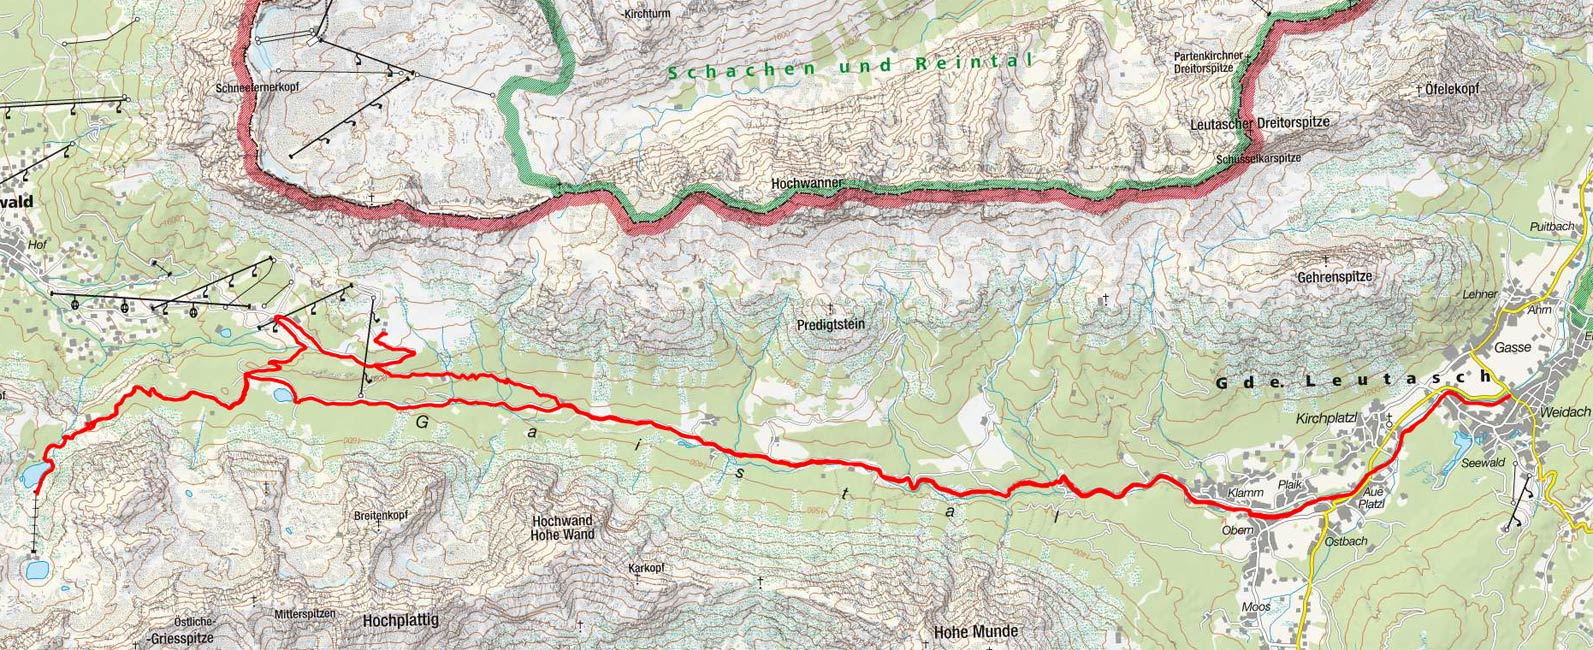 Hochfeldernalm-Seebenalm-Seebensee aus der Leutasch